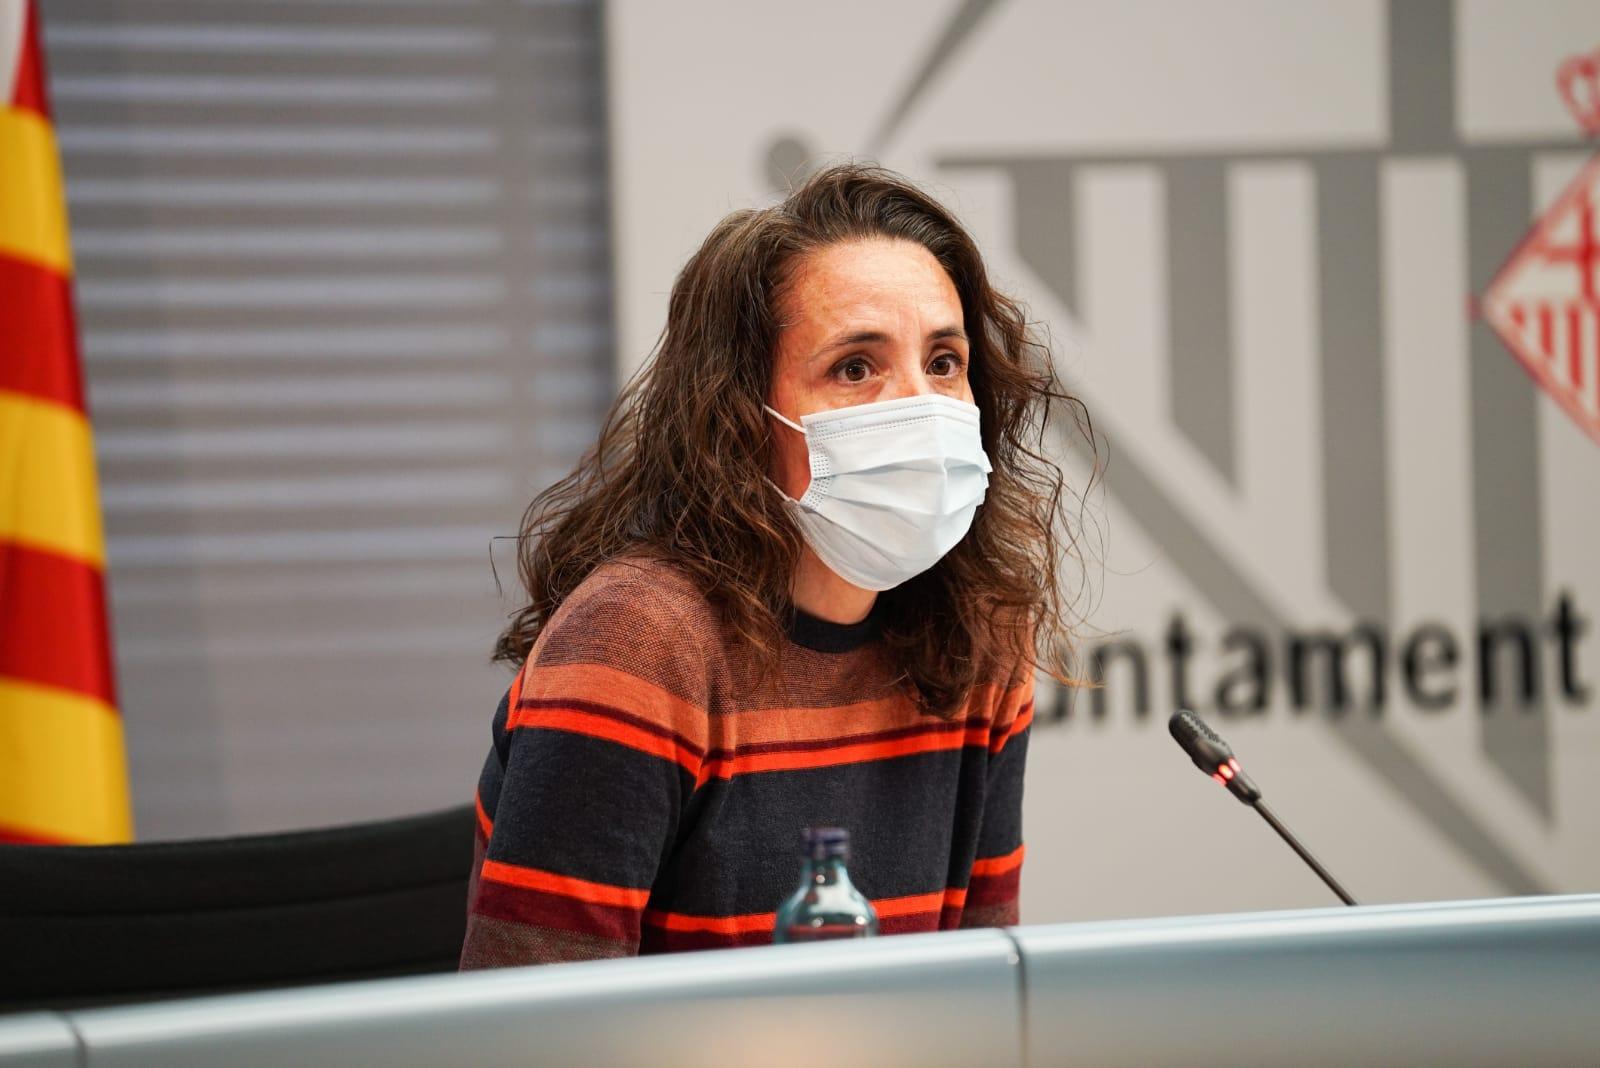 Teresa Bermúdez, comisaria del proceso Barcelona Mañana y coordinadora del programa de vivienda de Sant Joan de Déu Servicios Sociales